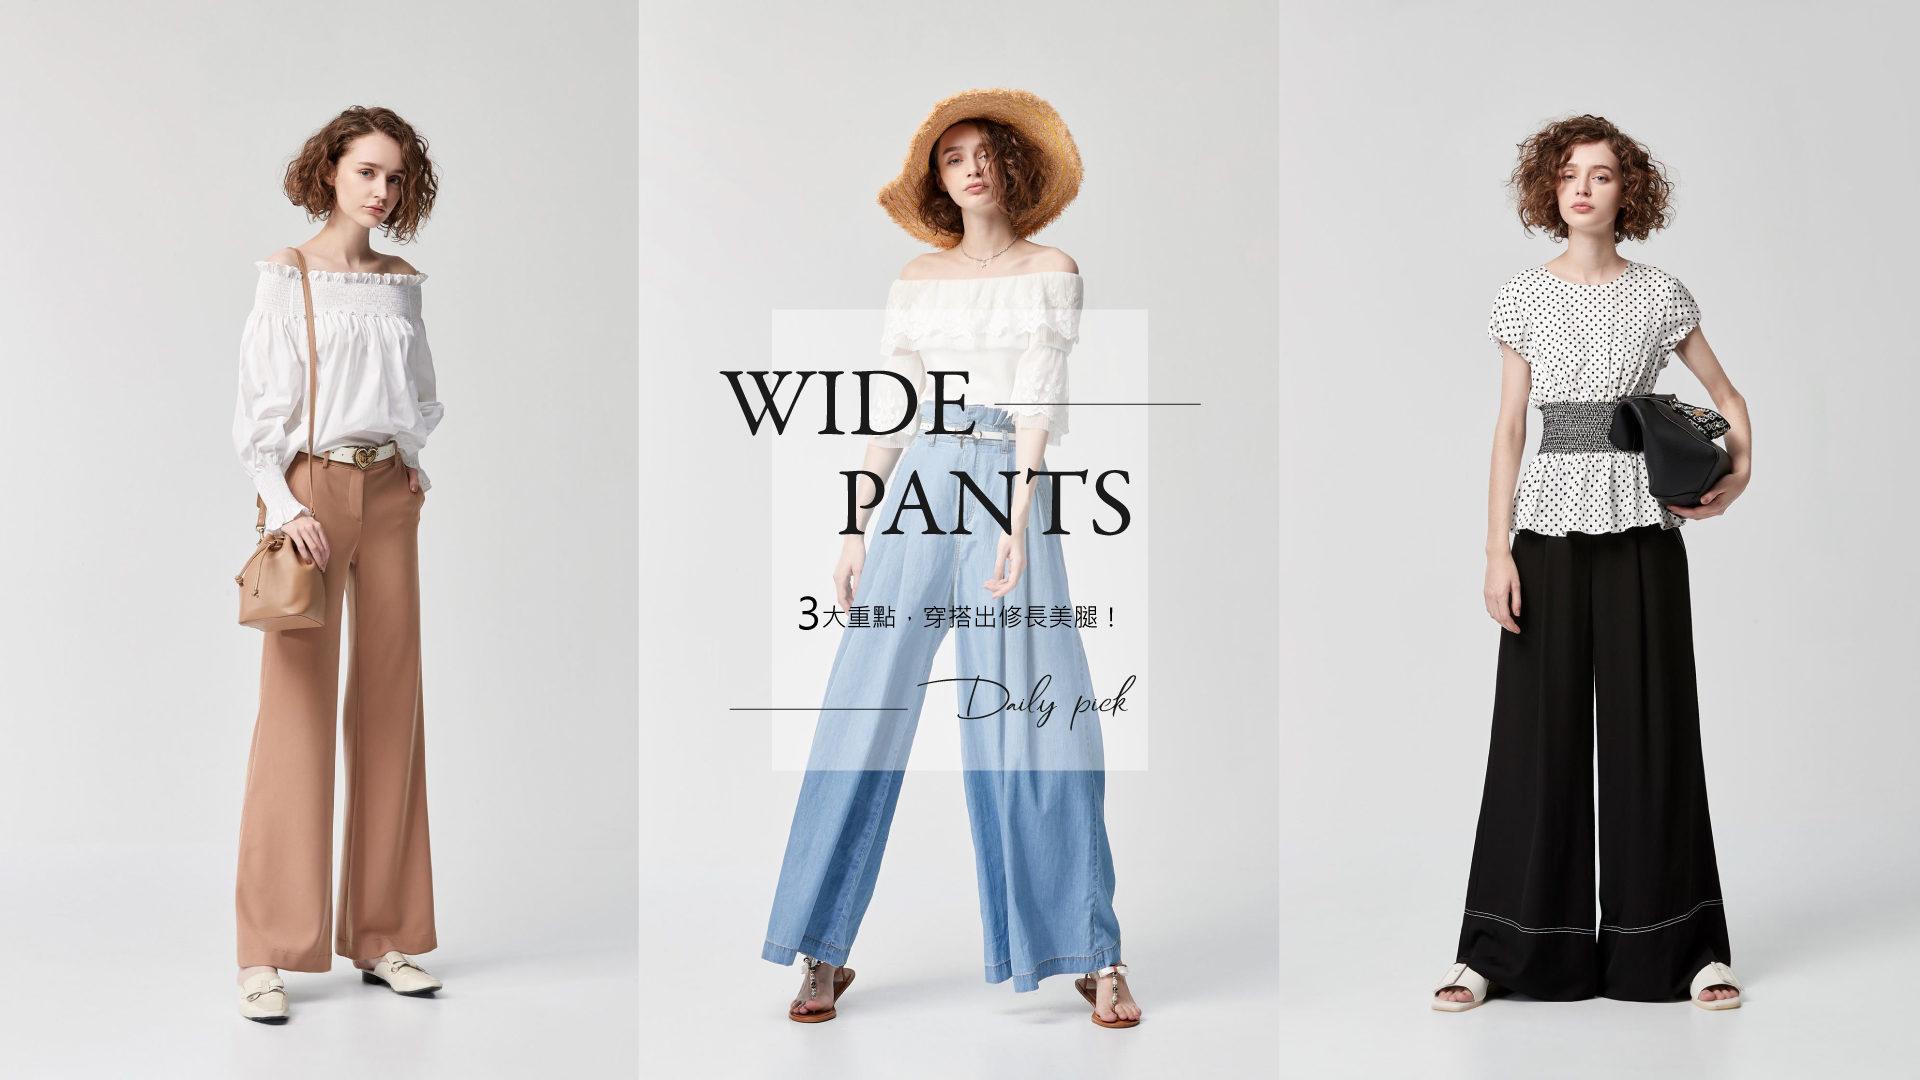 顯瘦褲子如何挑選?3大重點,穿搭出修長美腿!